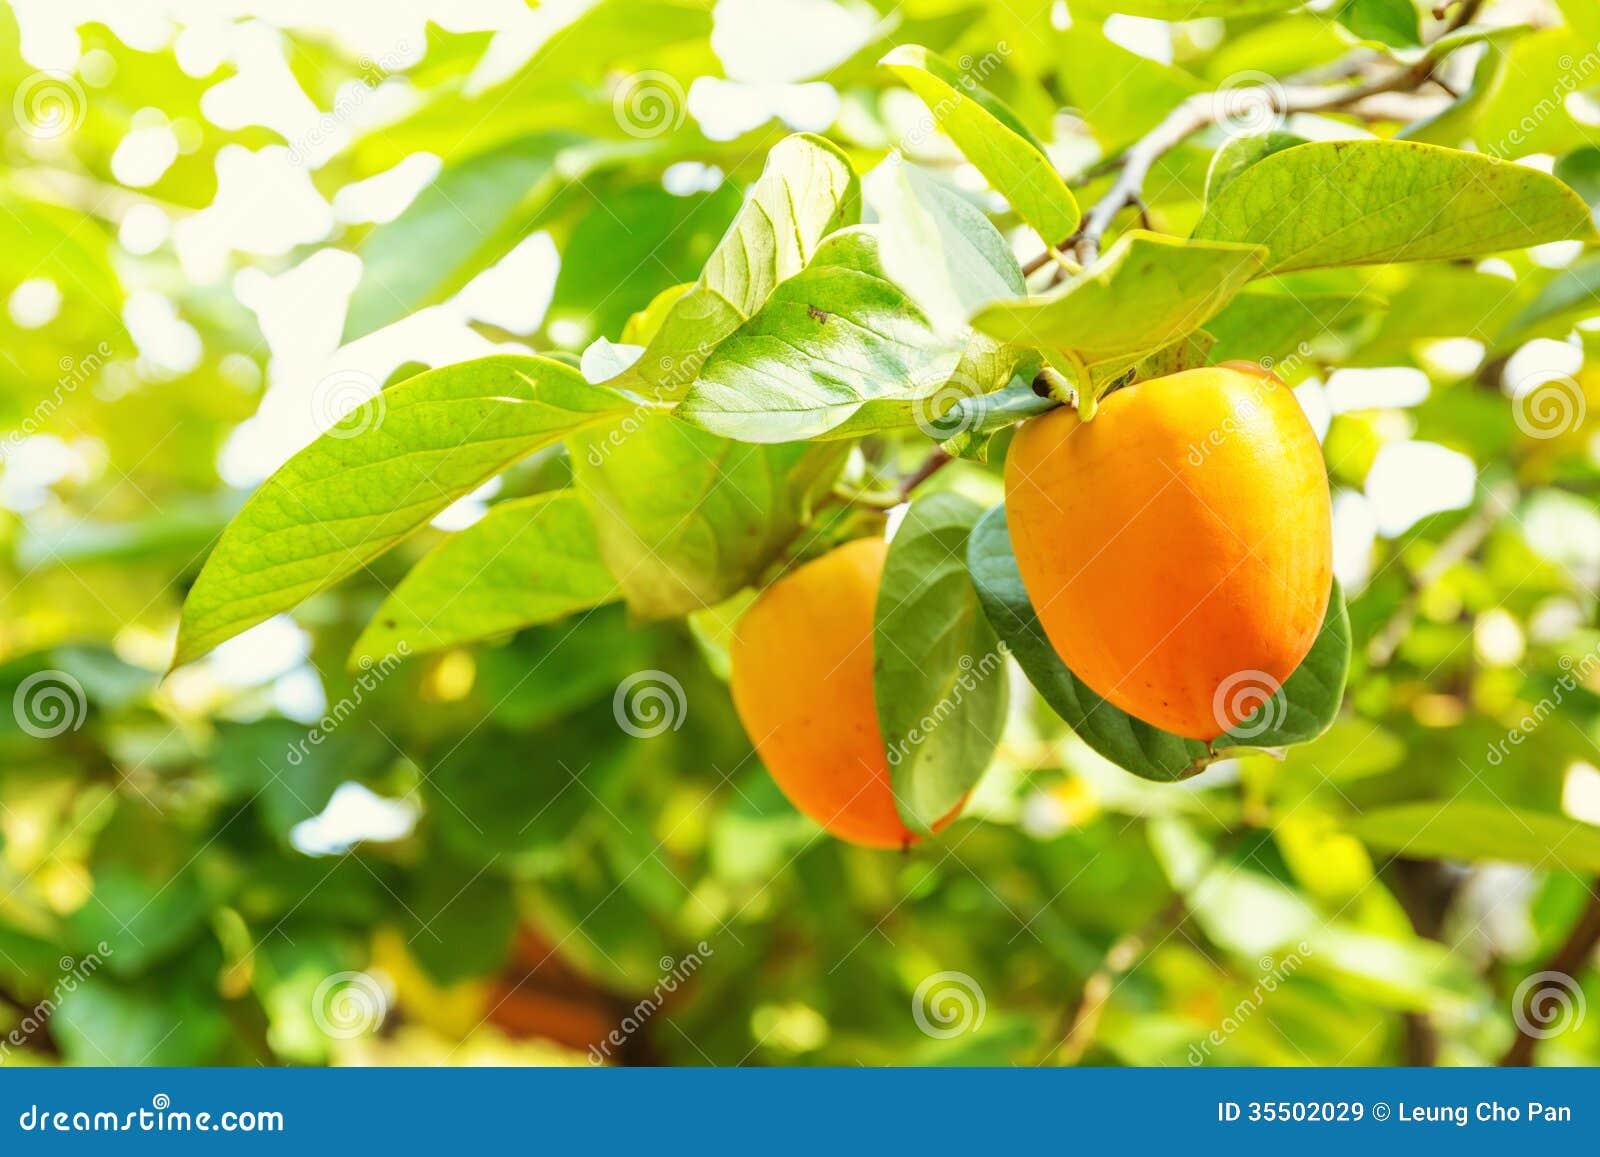 Albero di cachi immagine stock immagine di coreano for Albero di cachi